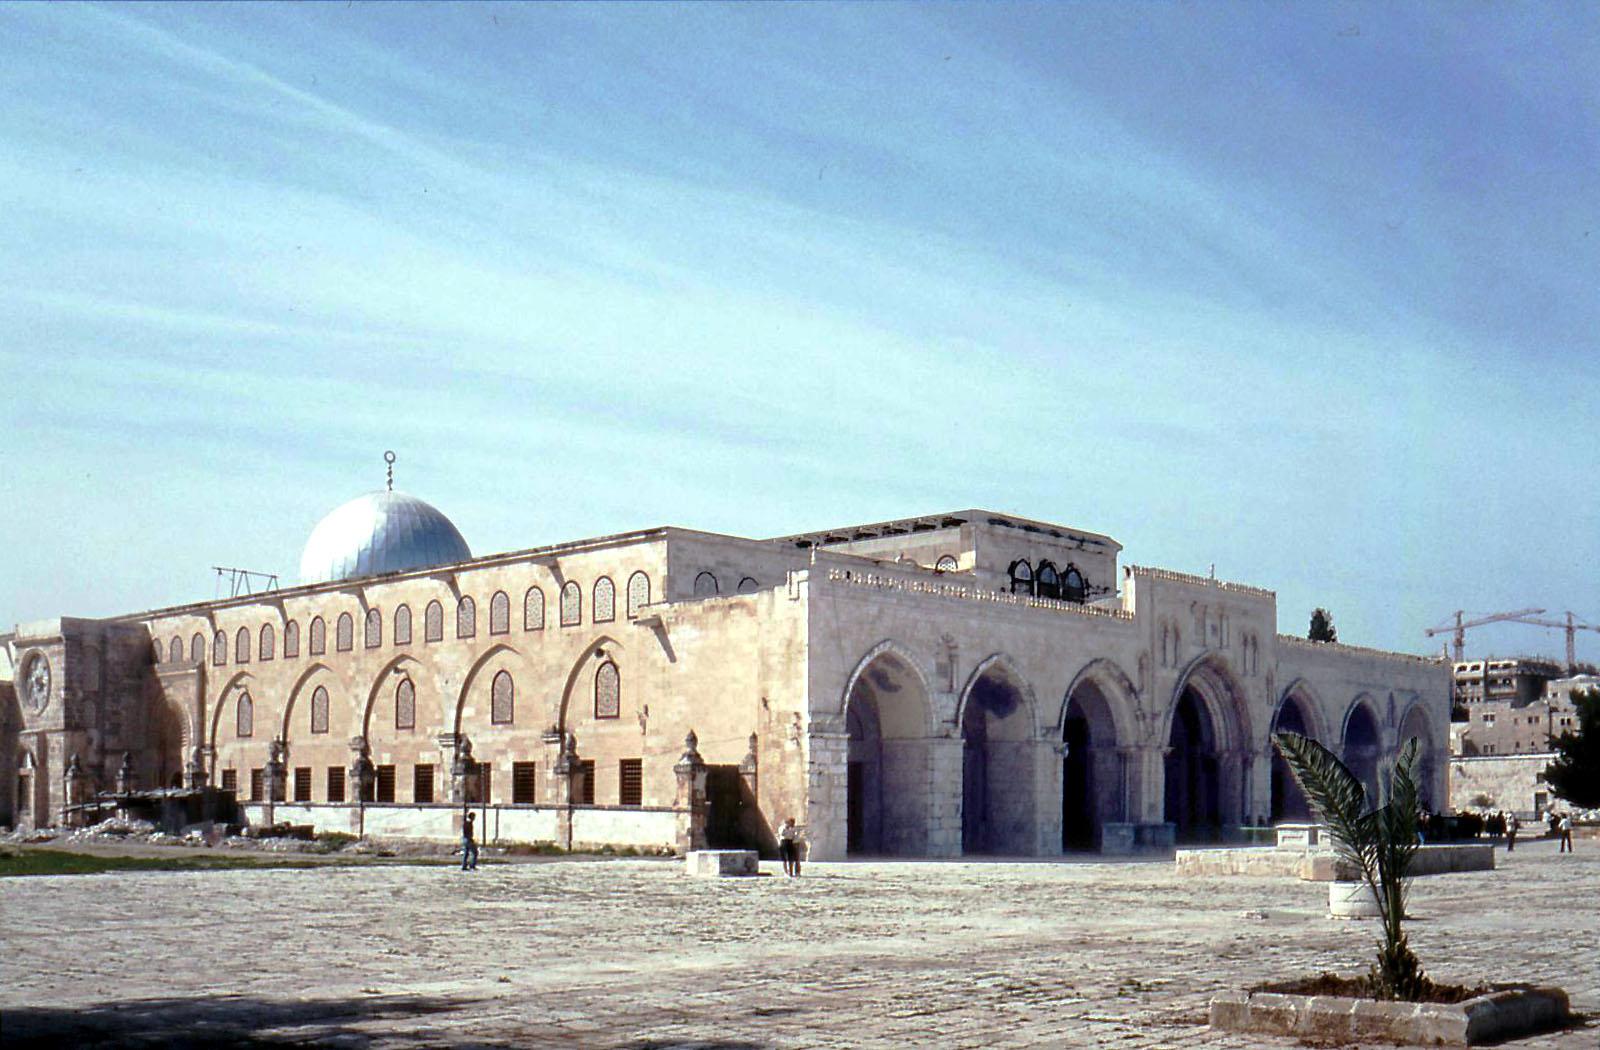 بالصور صور المسجد الاقصى , اجمل صور للمسجد الاقصى 1177 5